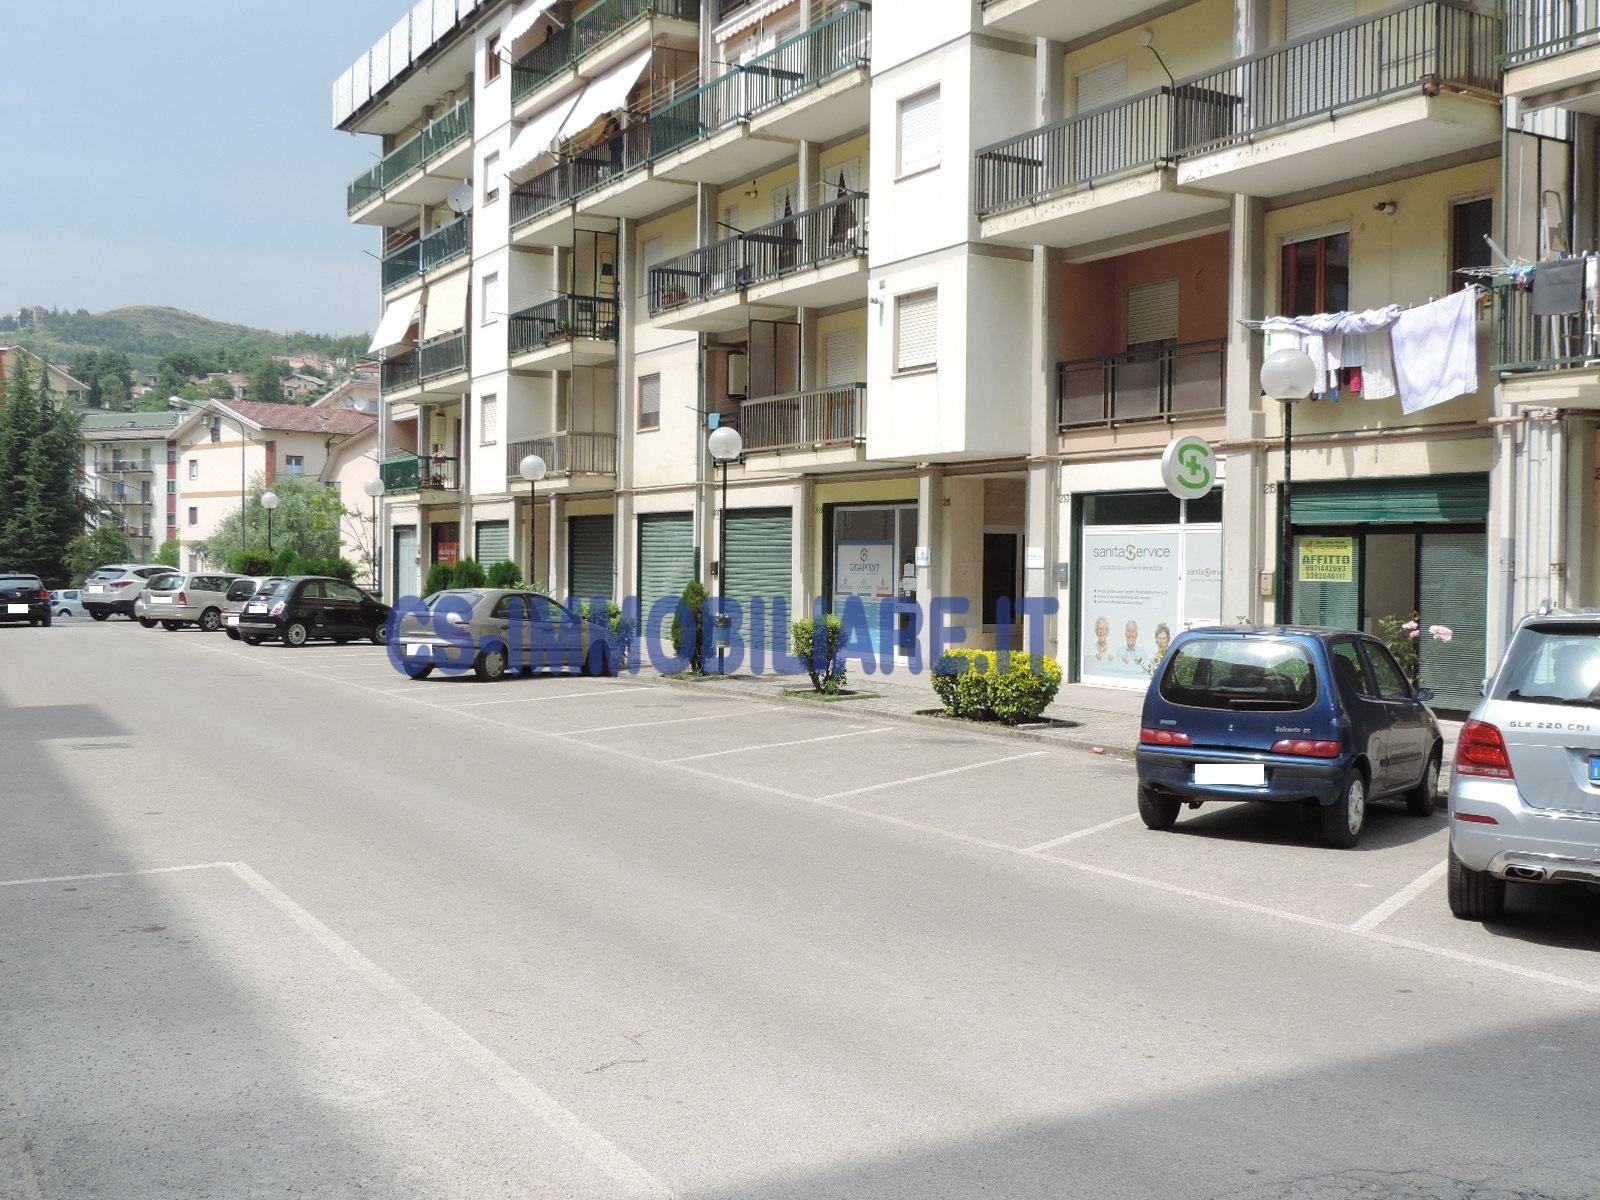 Negozio / Locale in affitto a Potenza, 9999 locali, zona Località: ViaMessina, prezzo € 450 | Cambio Casa.it